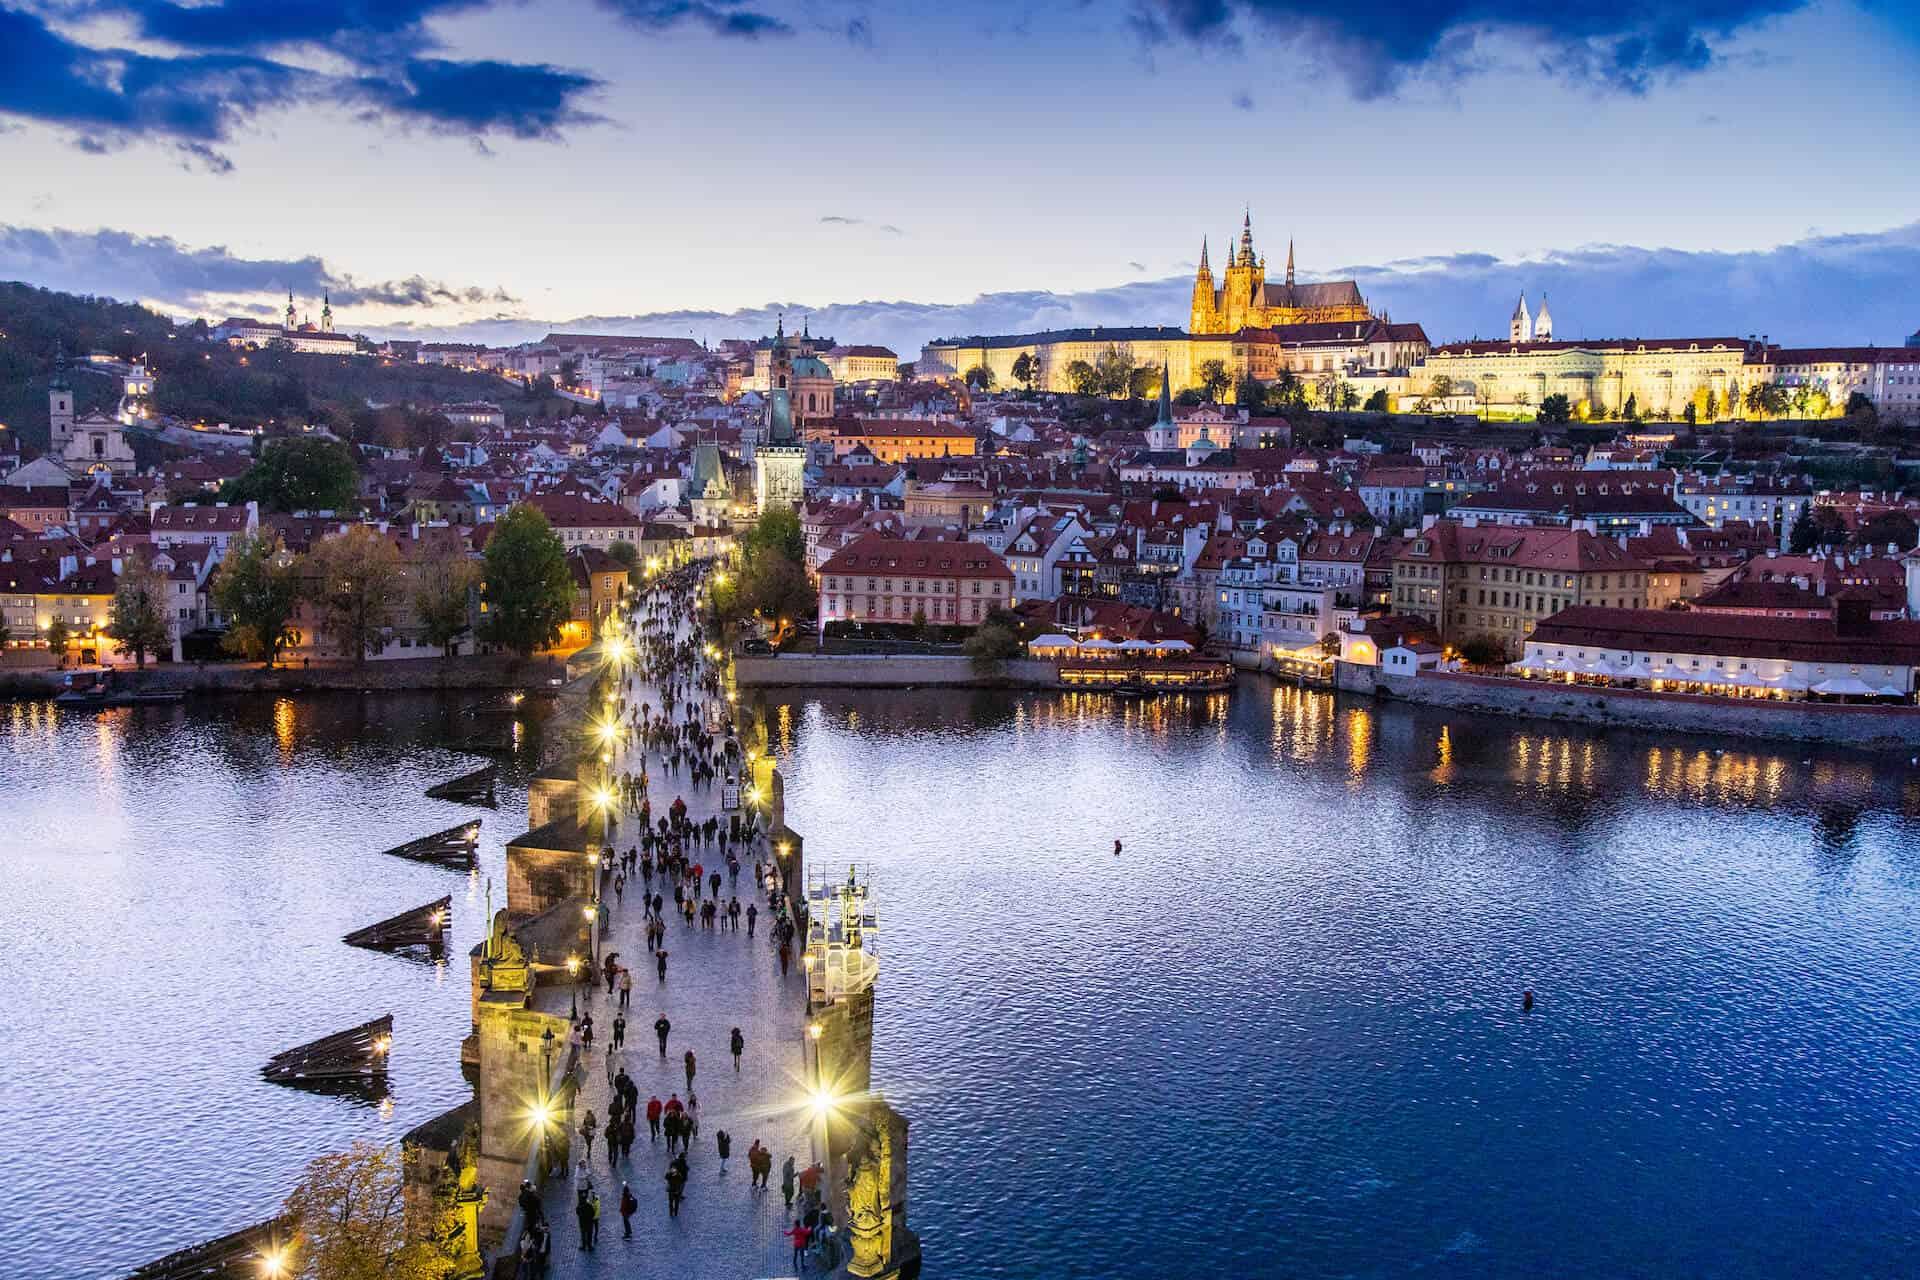 Svatba v Praze, pohled na Vltavu, Karlův most a Pražský hrad